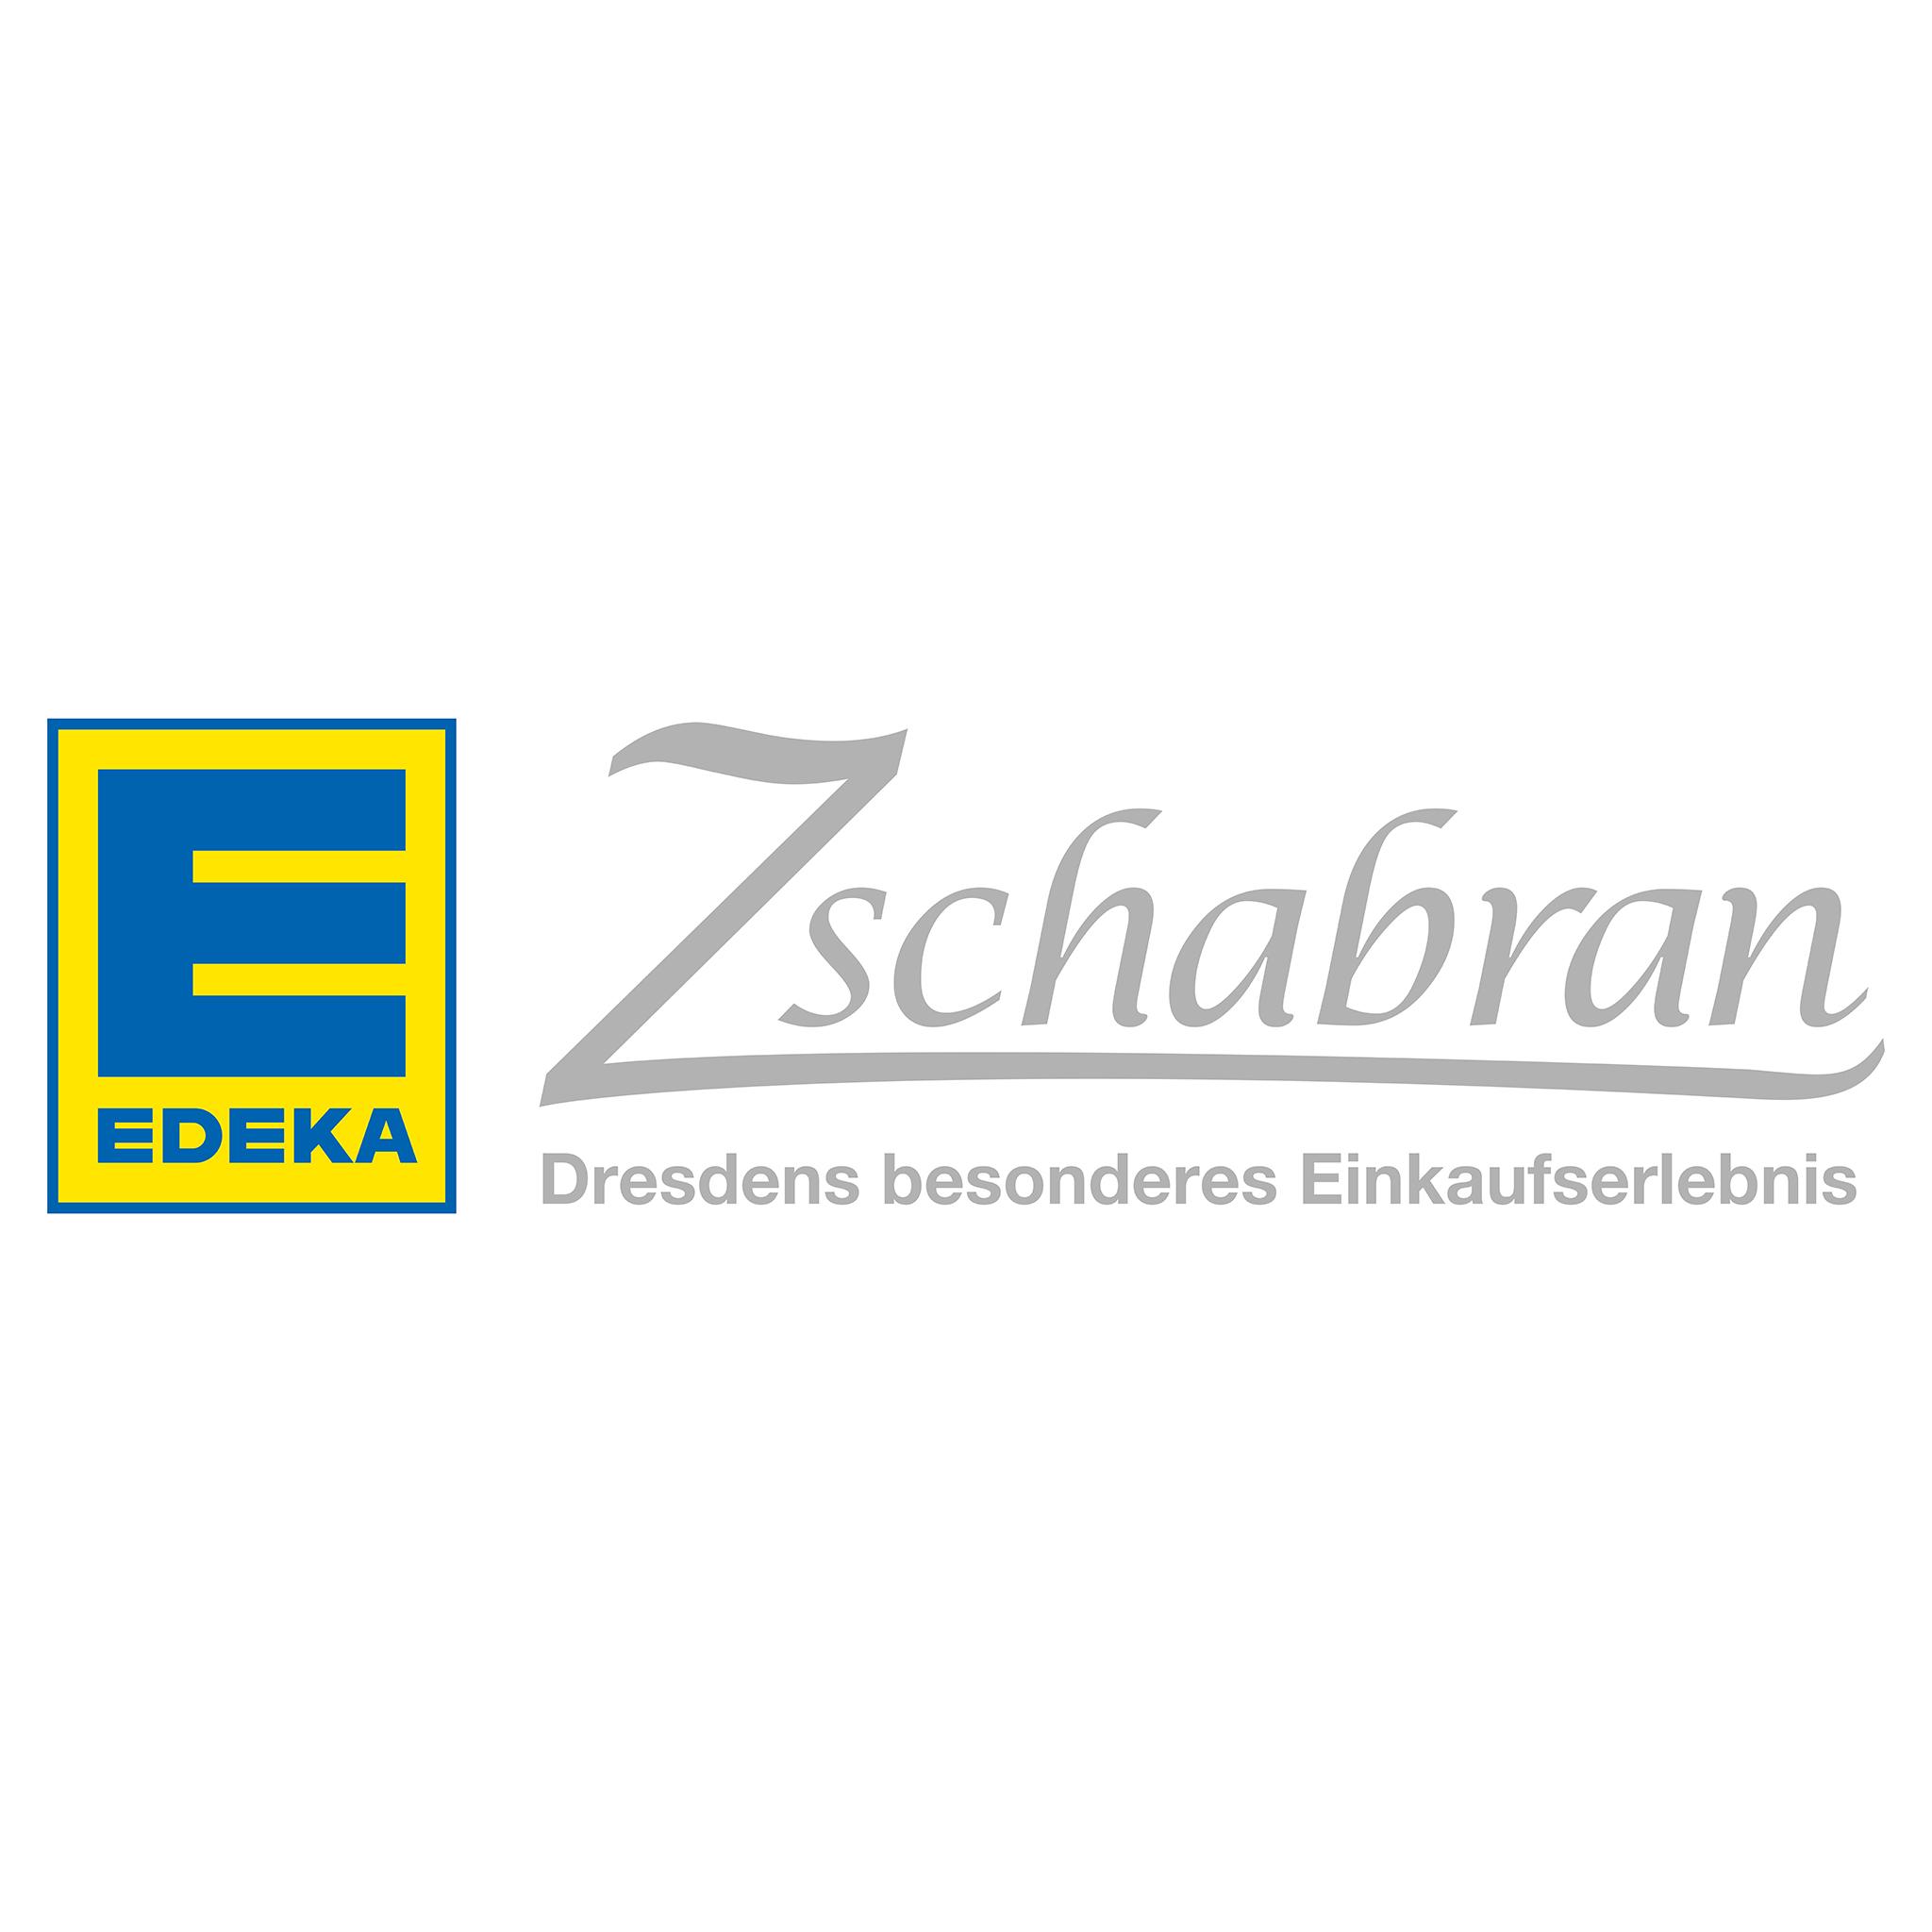 EDEKA Zschabran